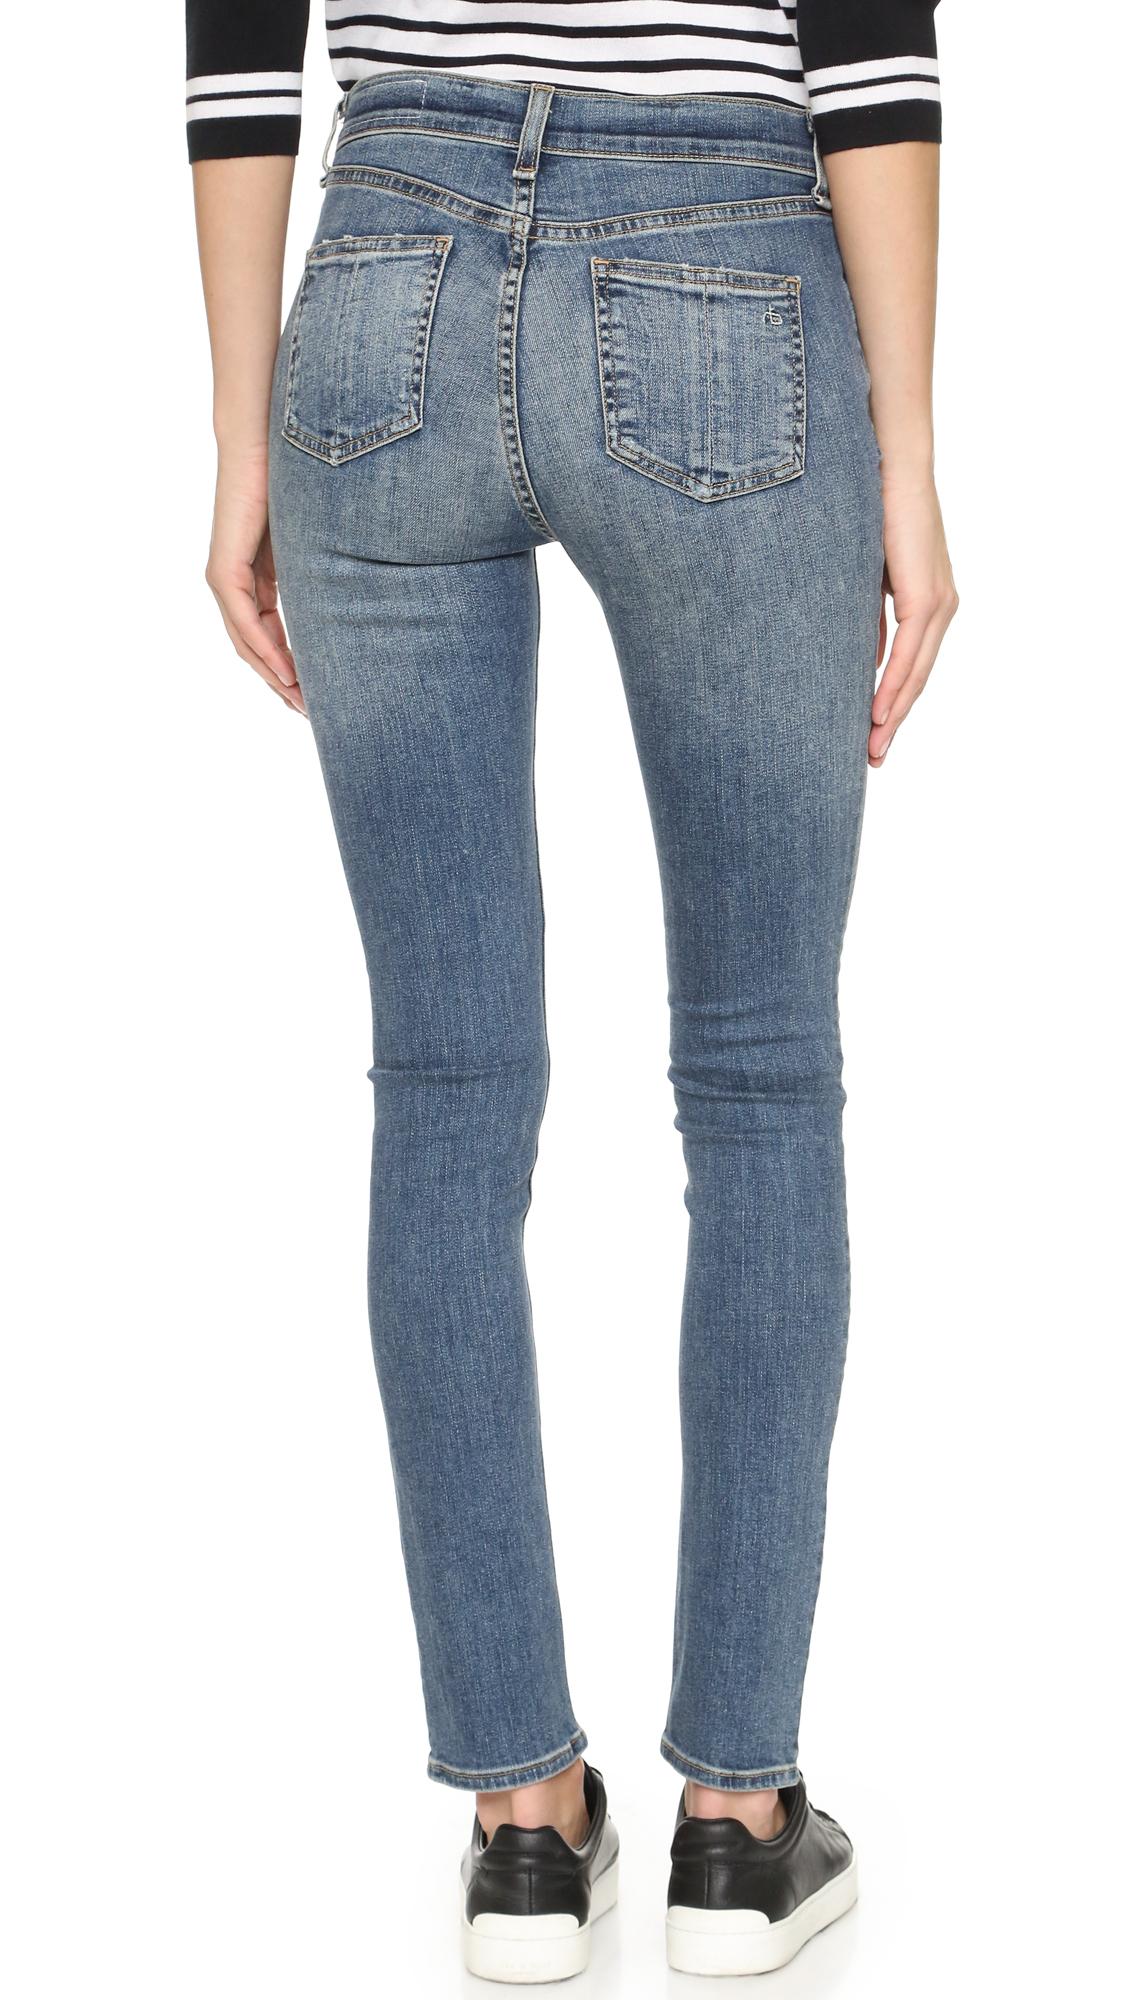 563518b340b9 Rag   Bone JEAN The High Rise Skinny Jeans